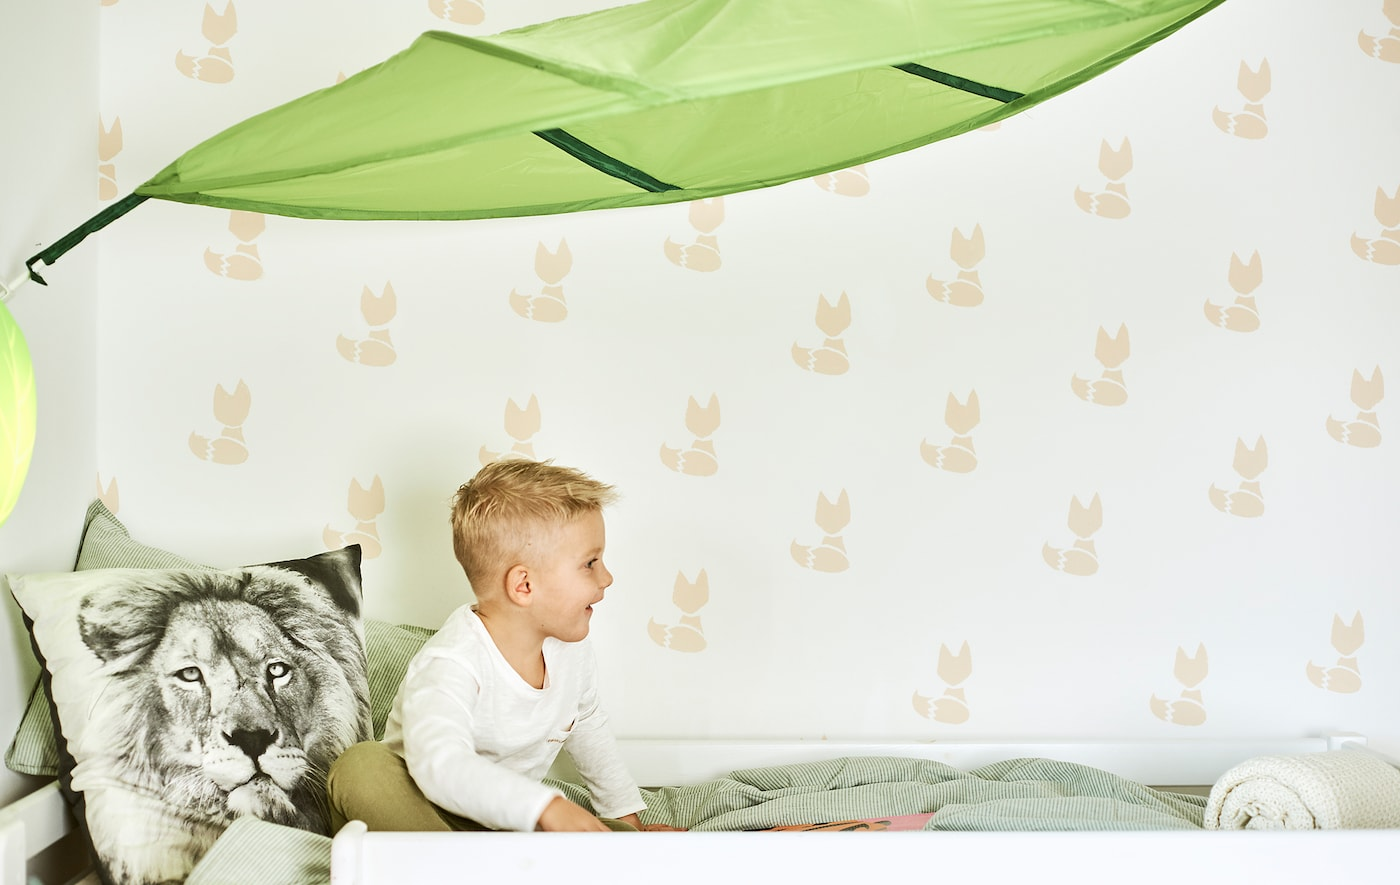 Un enfant assis sur un lit avec une couette verte et un coussin sur lequel est imprimée une tête de lion. Au-dessus du lit se trouve un ciel de lit en forme de feuille verte.